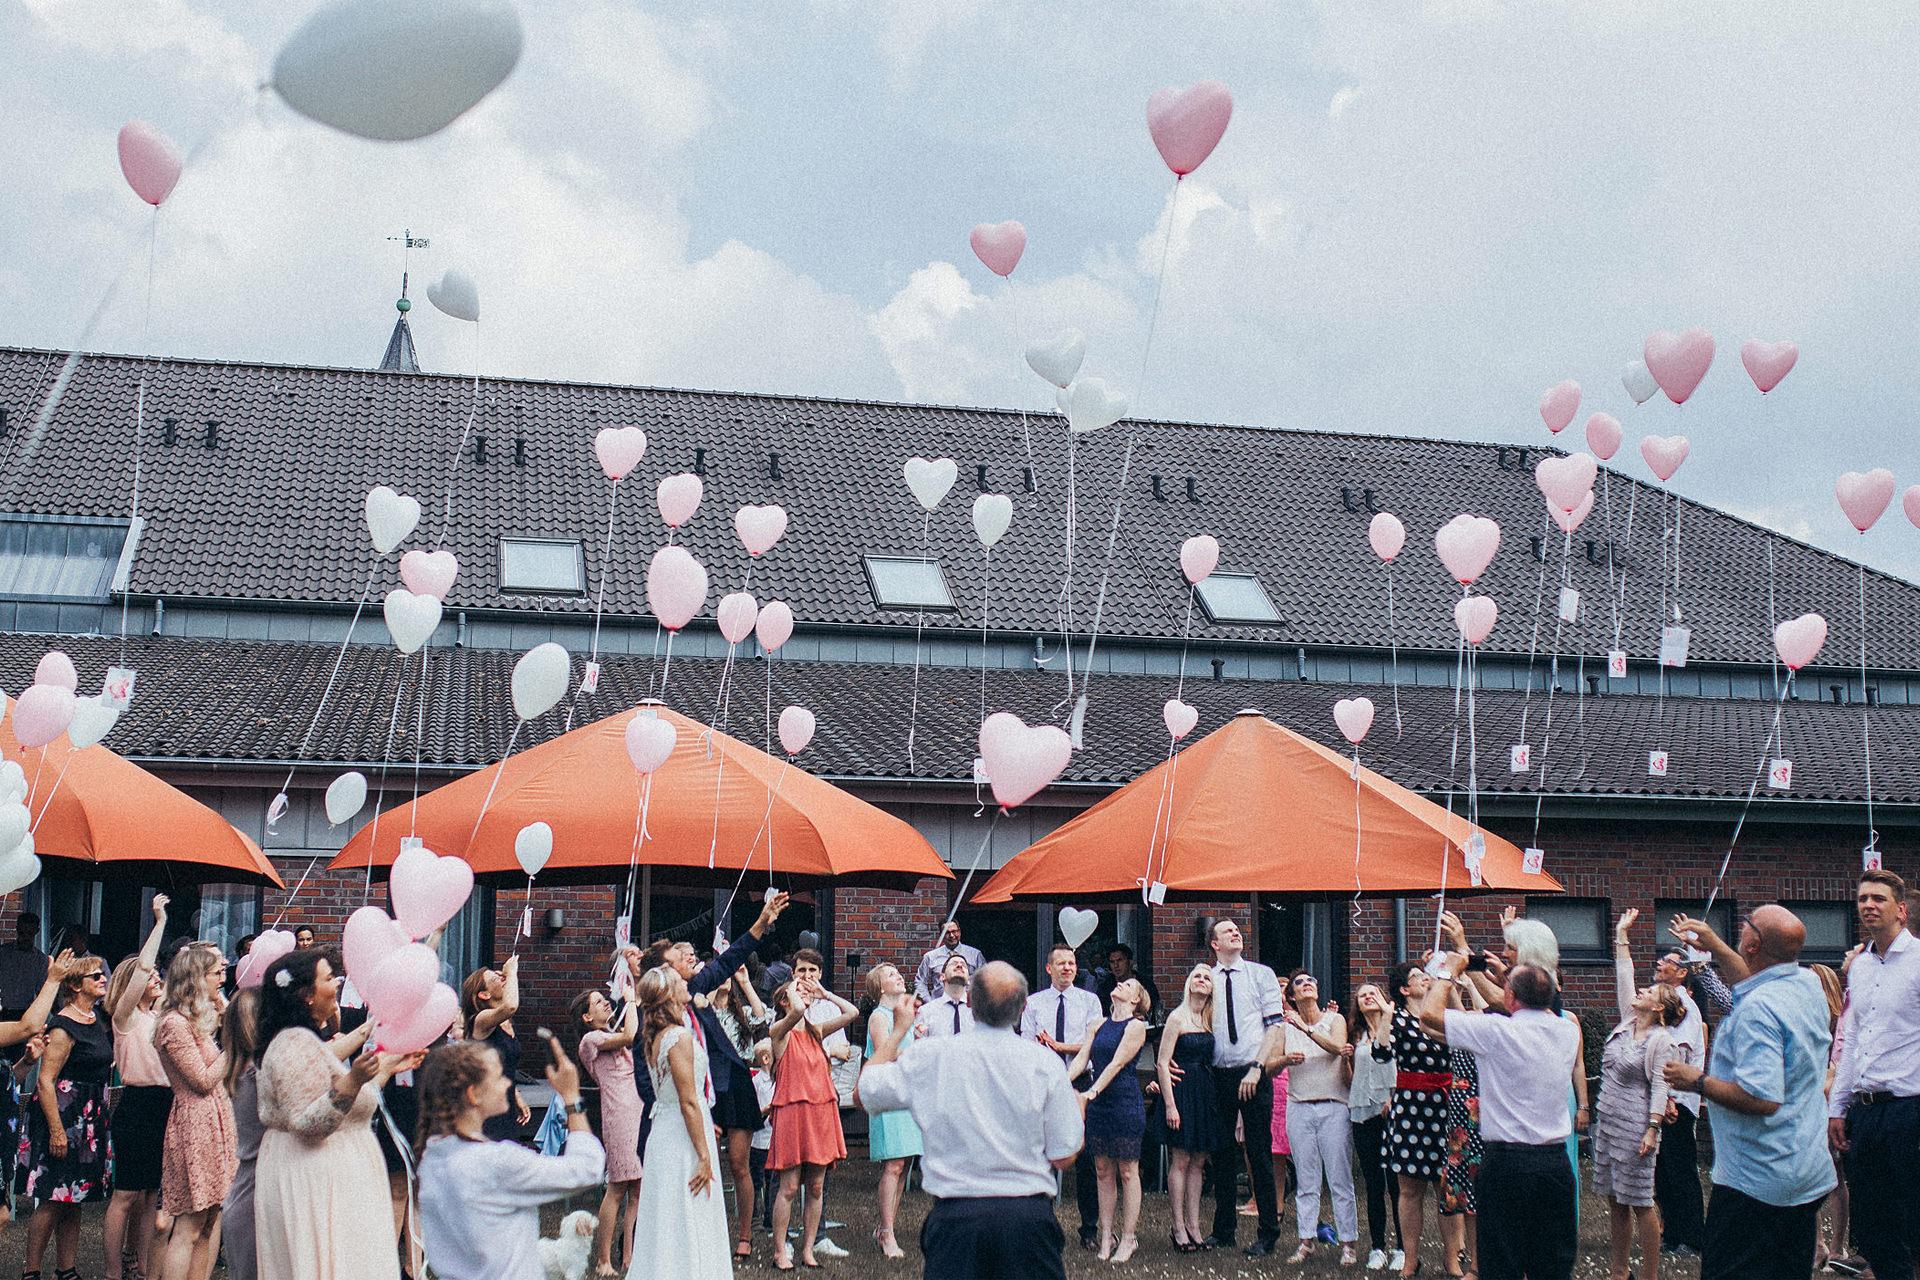 Garten Hochzeit in Köln - freie Trauung mit vielen Luftballons, die in den Himmel steigen - Luftballons auf Hochzeit - Hochzeitsreportage Köln - Chris  Reuter Hochzeitsfotograf